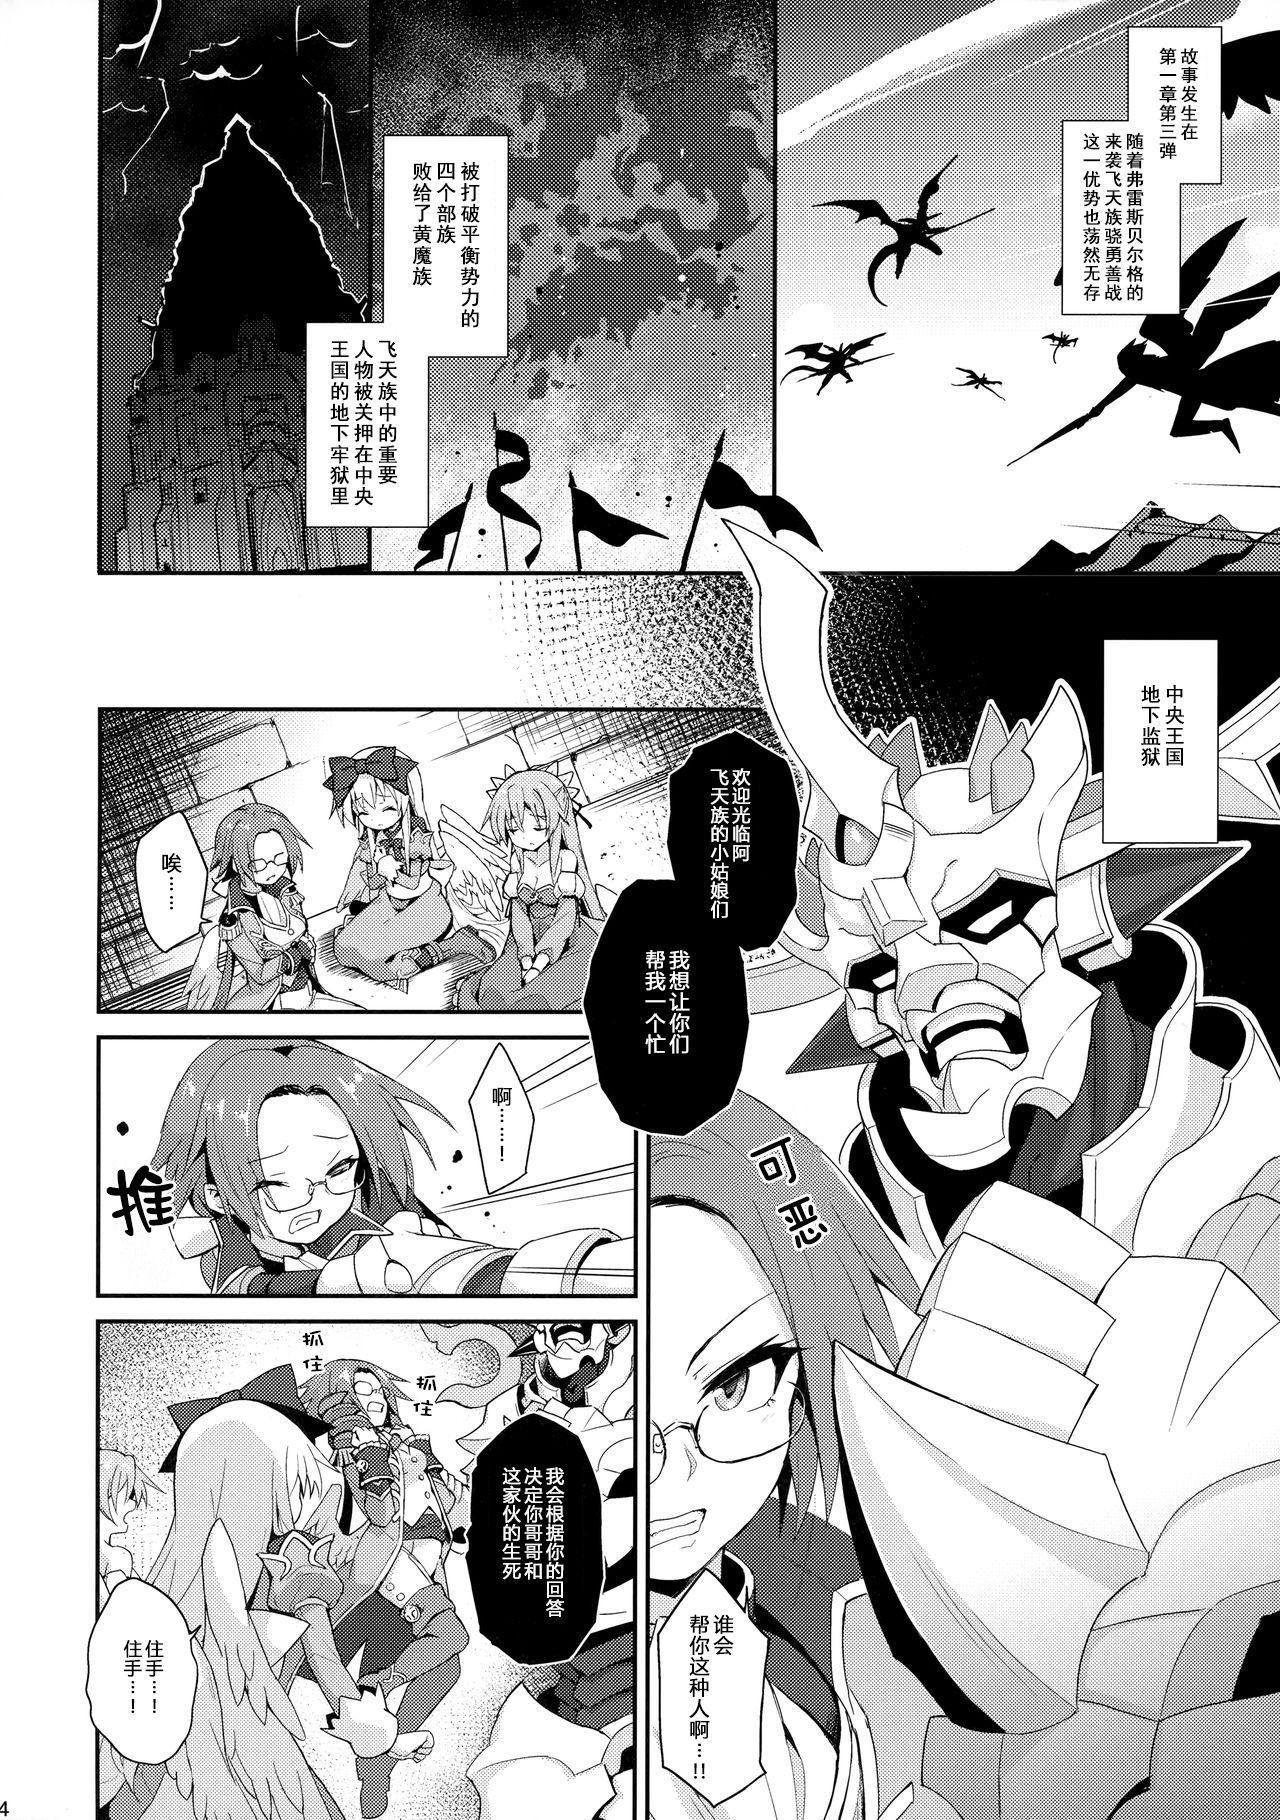 Alma ga Arekore Sareru no o Nagameru Hon. 5 | 偷窺被不停玩弄的阿爾瑪5 4